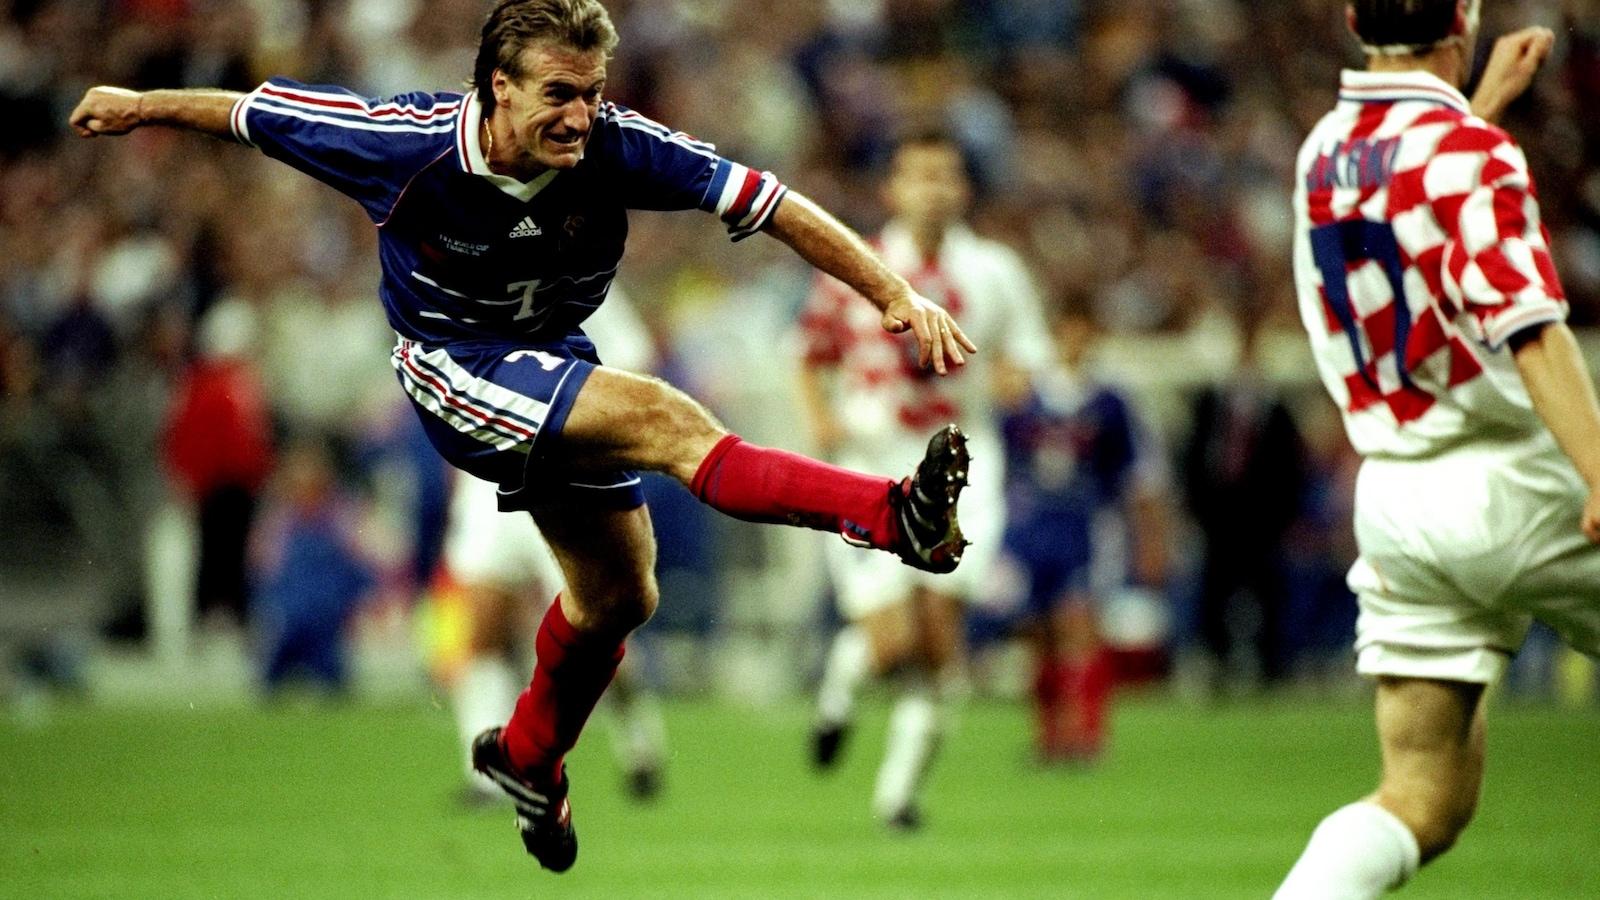 Didier Deschamps tire au but dans la demi-finale France-Croatie, le 8 juillet 1998.